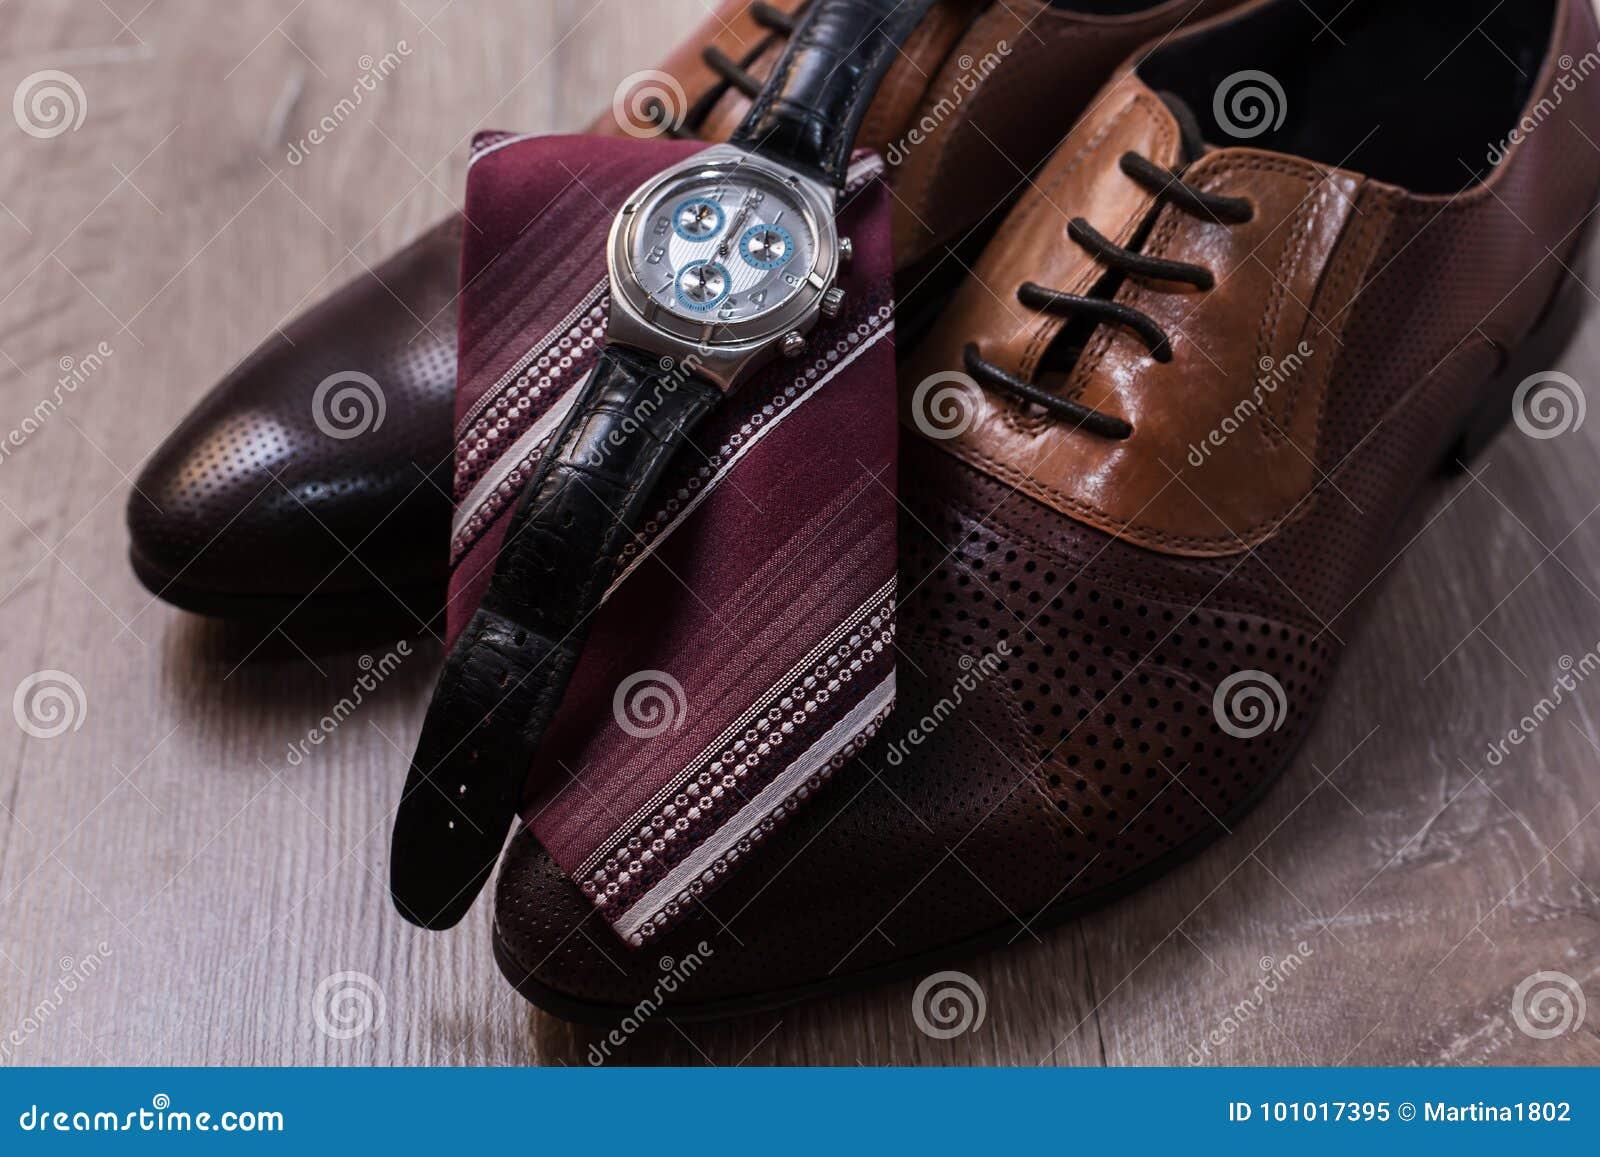 Sapatas com laço e relógio